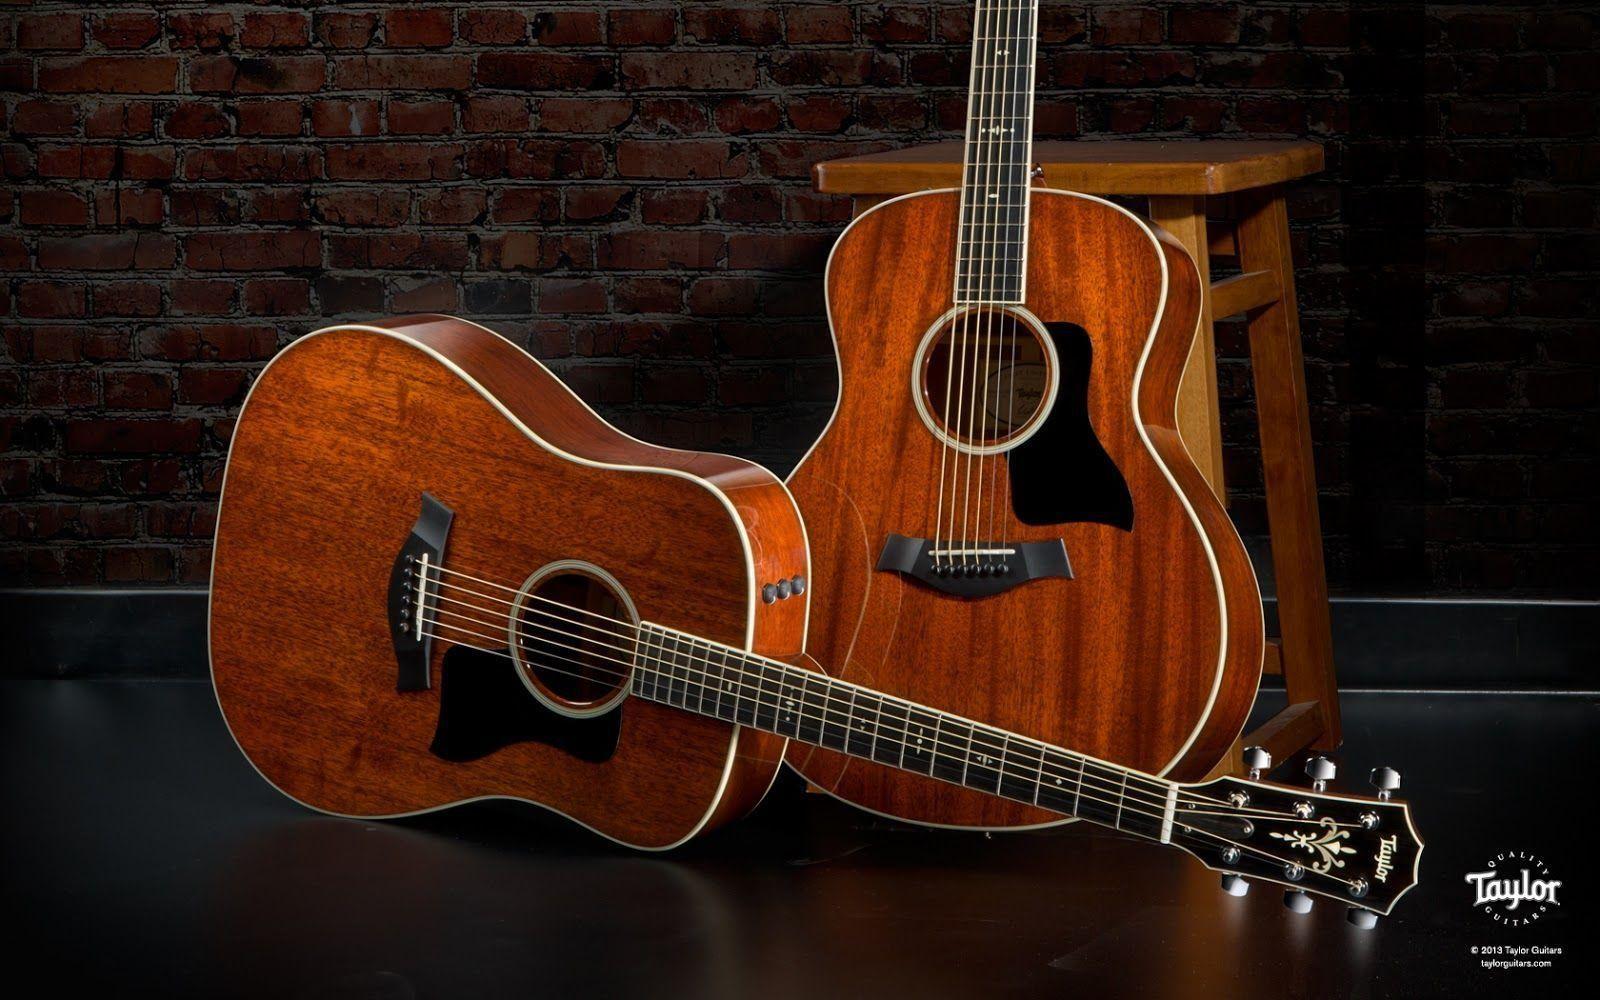 Acoustic Guitars Wallpaper 1080p Taylor Guitars Guitar Best Acoustic Guitar